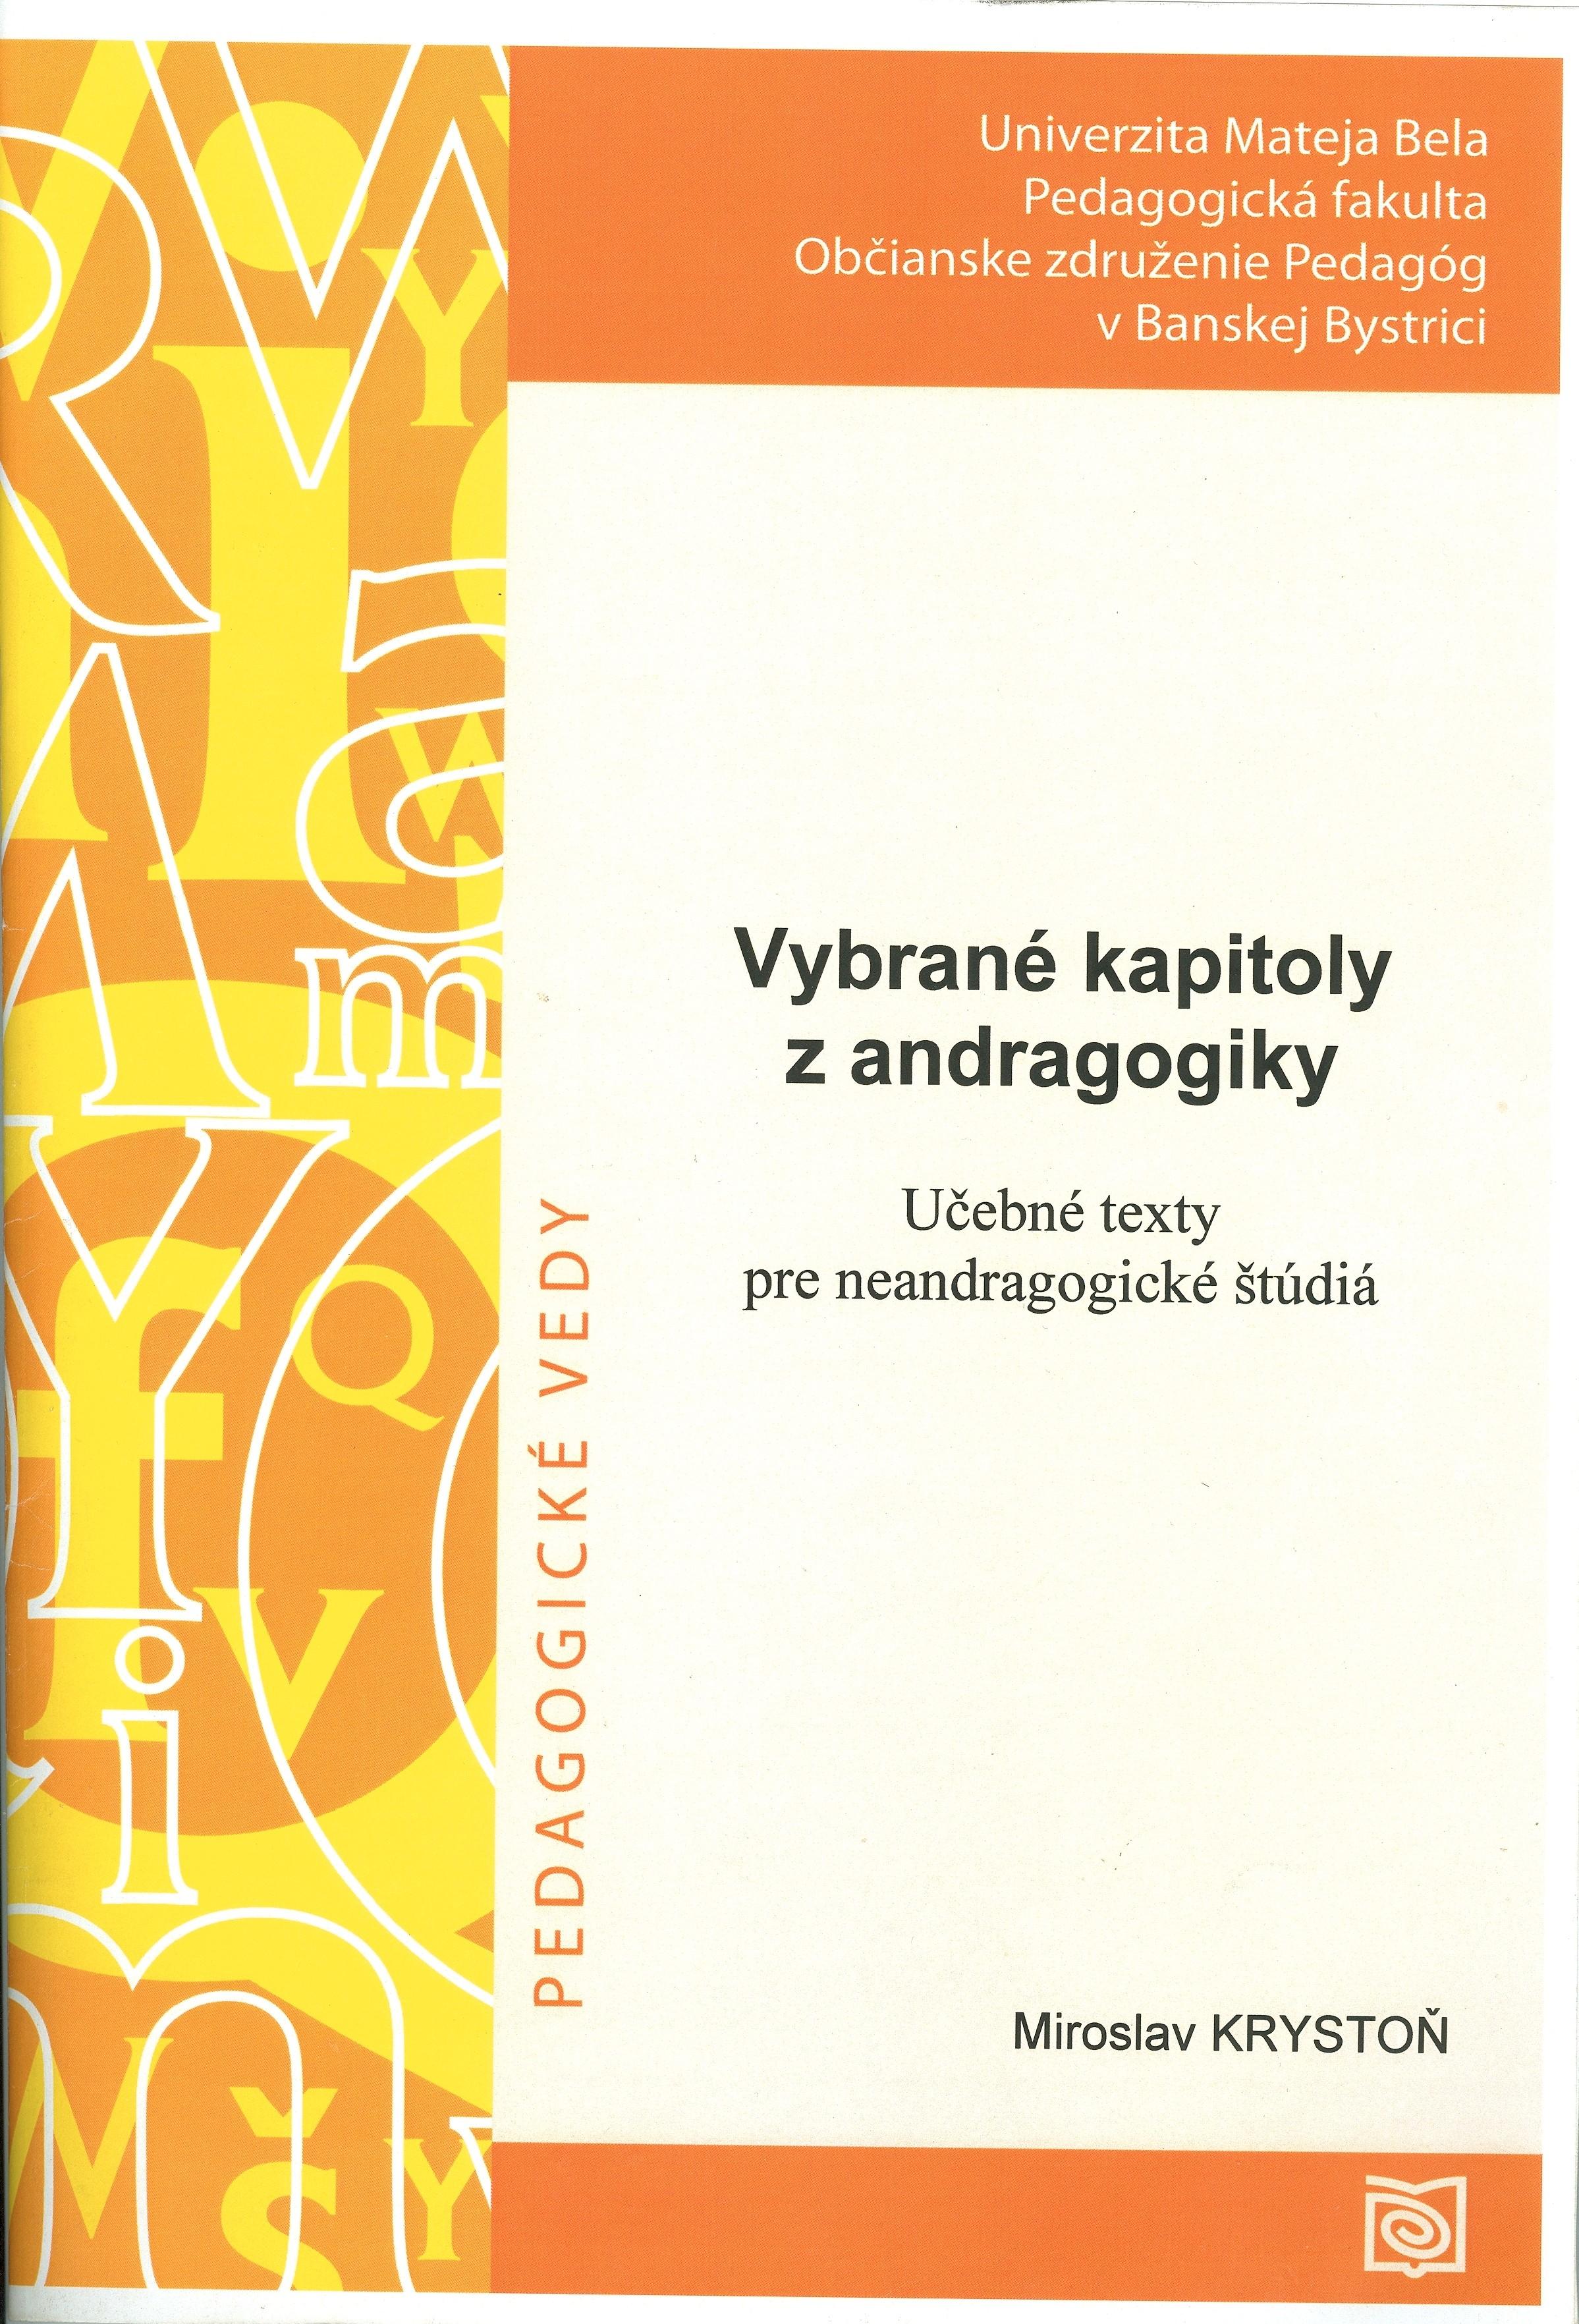 Vybrané kapitoly z andragogiky. Učebné texty pre neandragogické štúdiá.